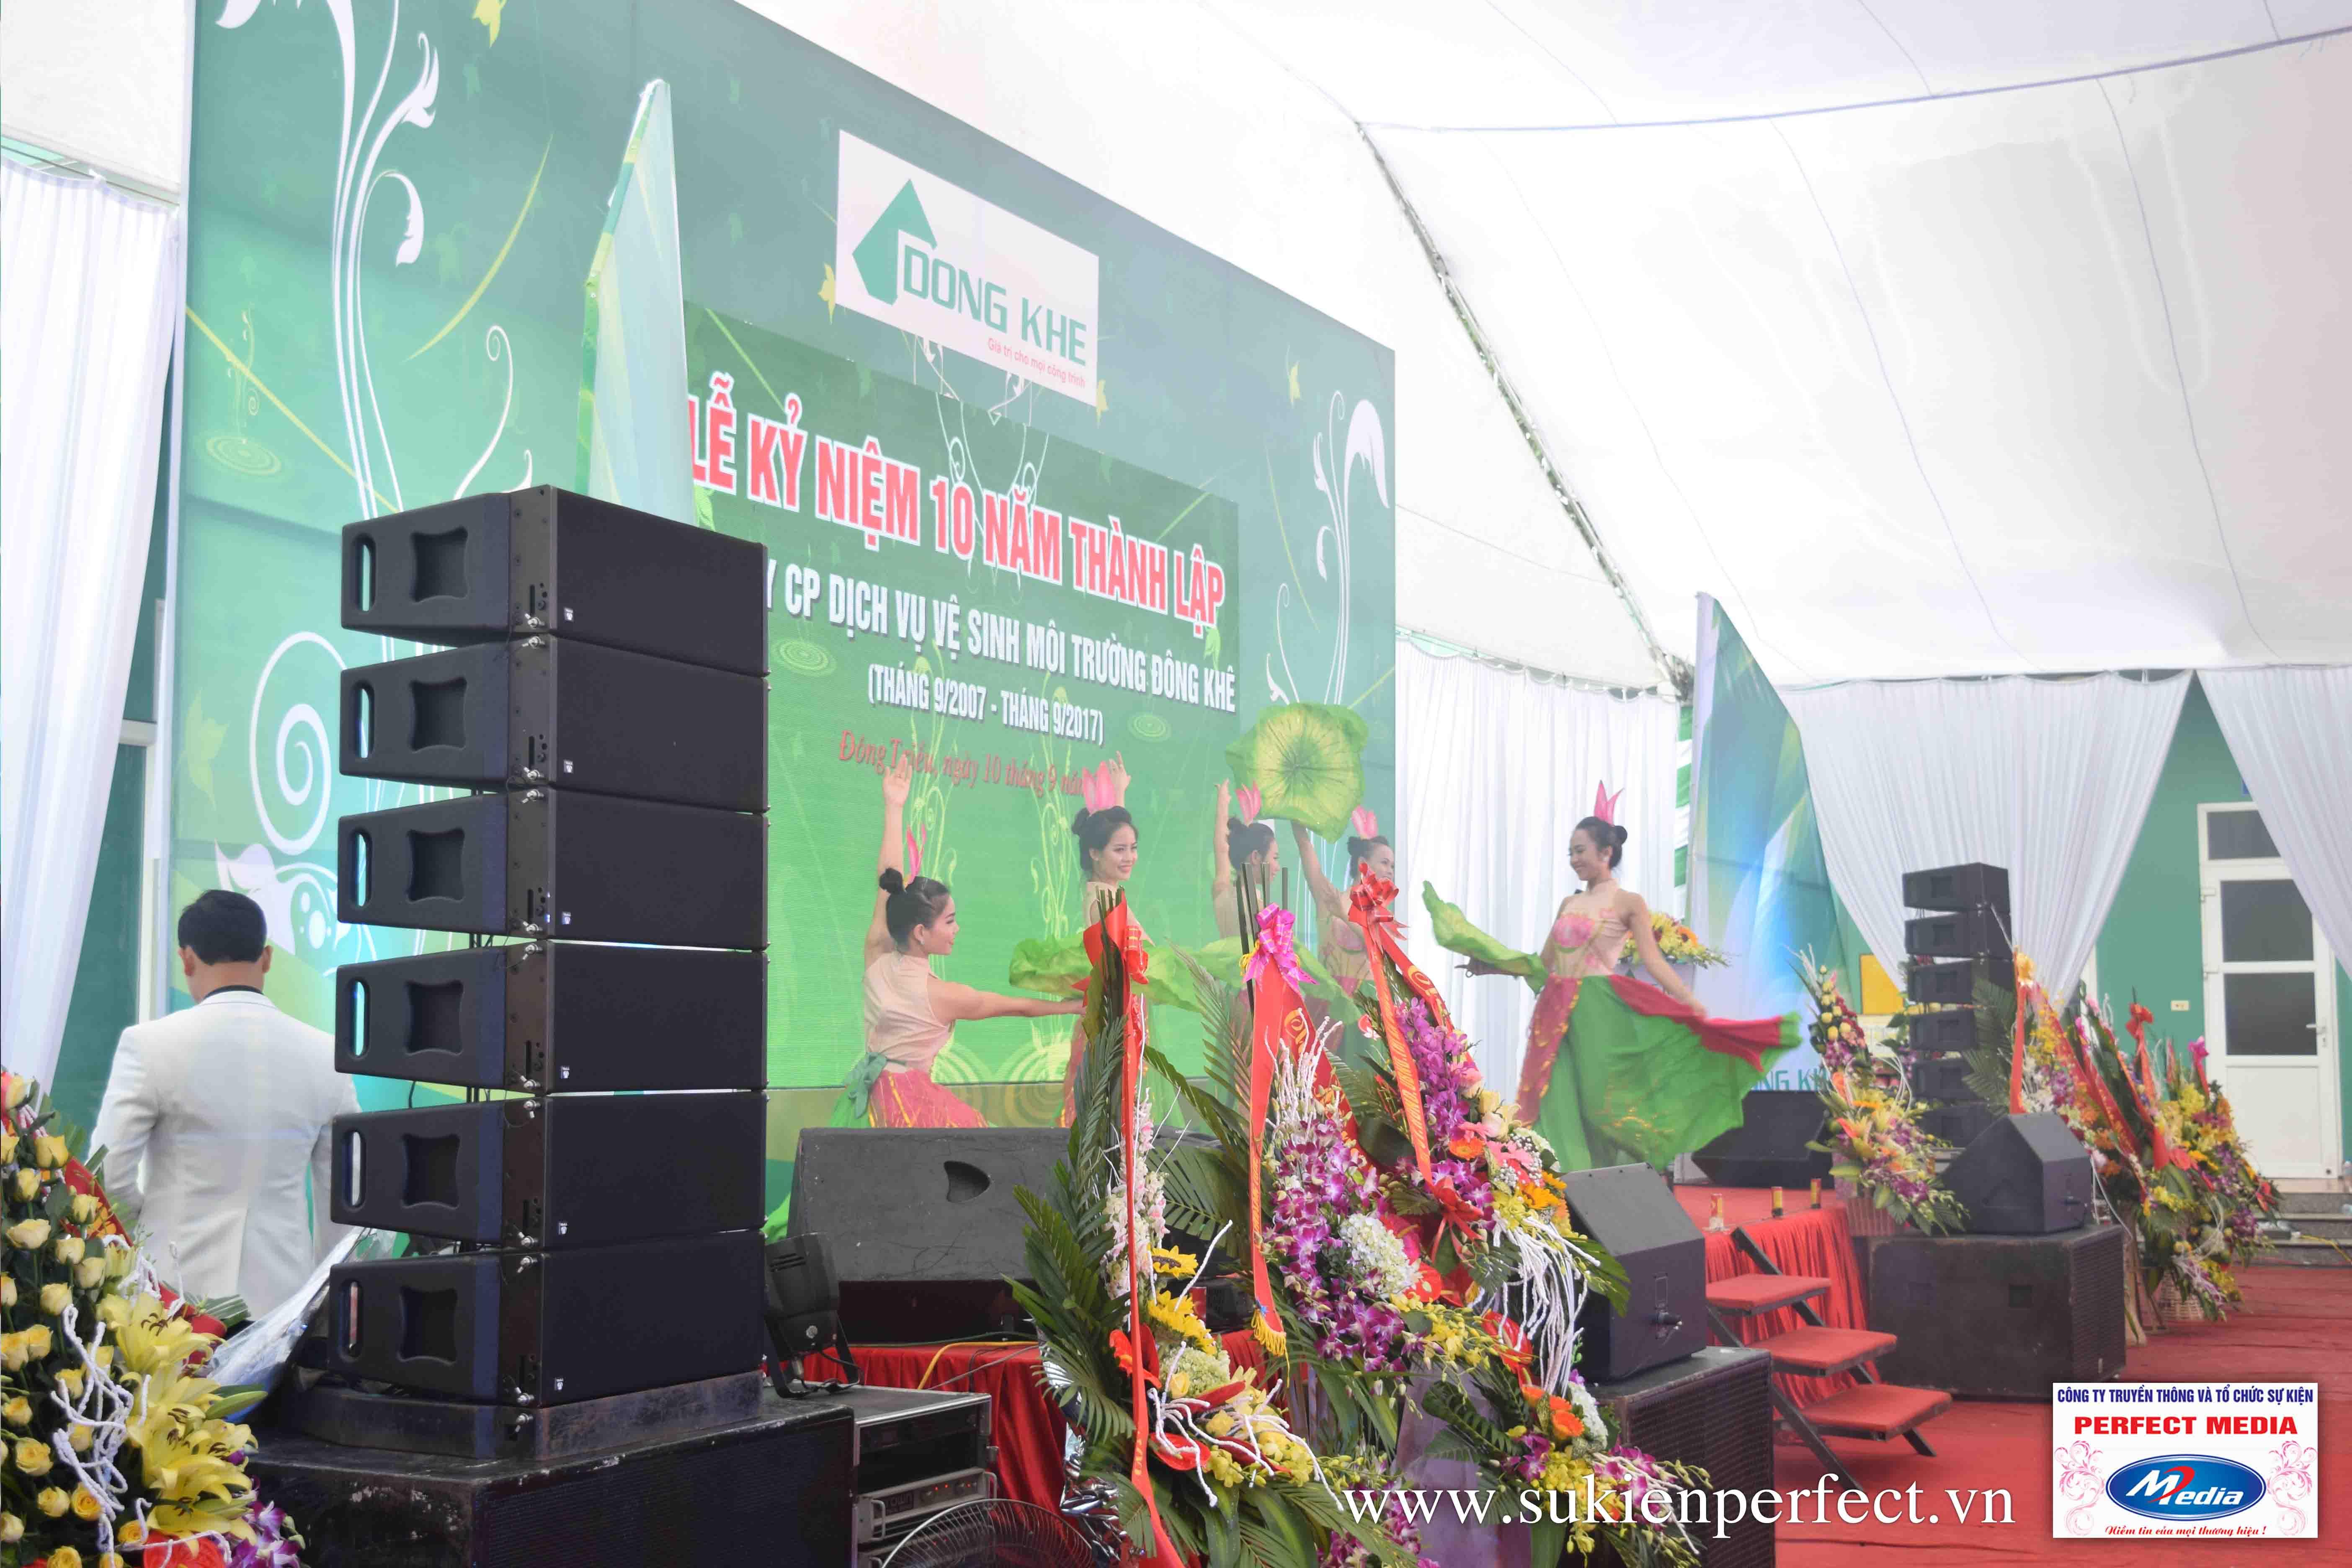 Công ty tổ chức sự kiện tại Quảng Ninh Perfect Media